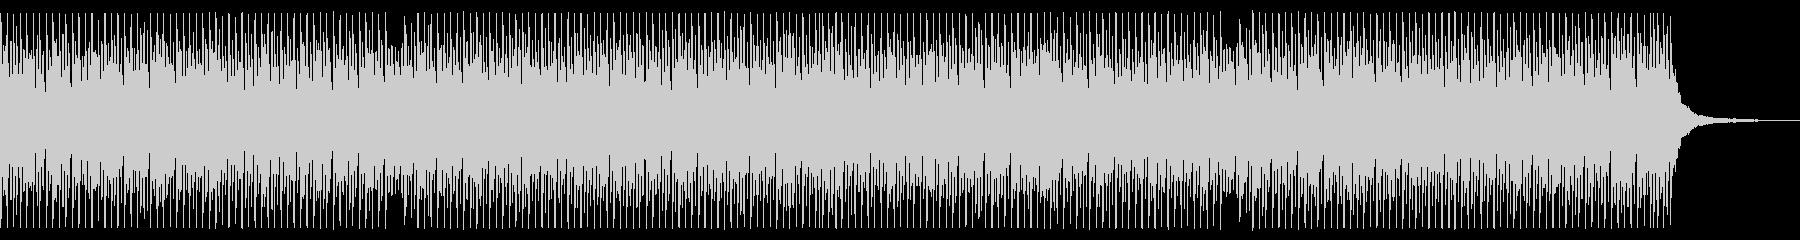 ベース無し 青空 ポジティブ ピアノの未再生の波形